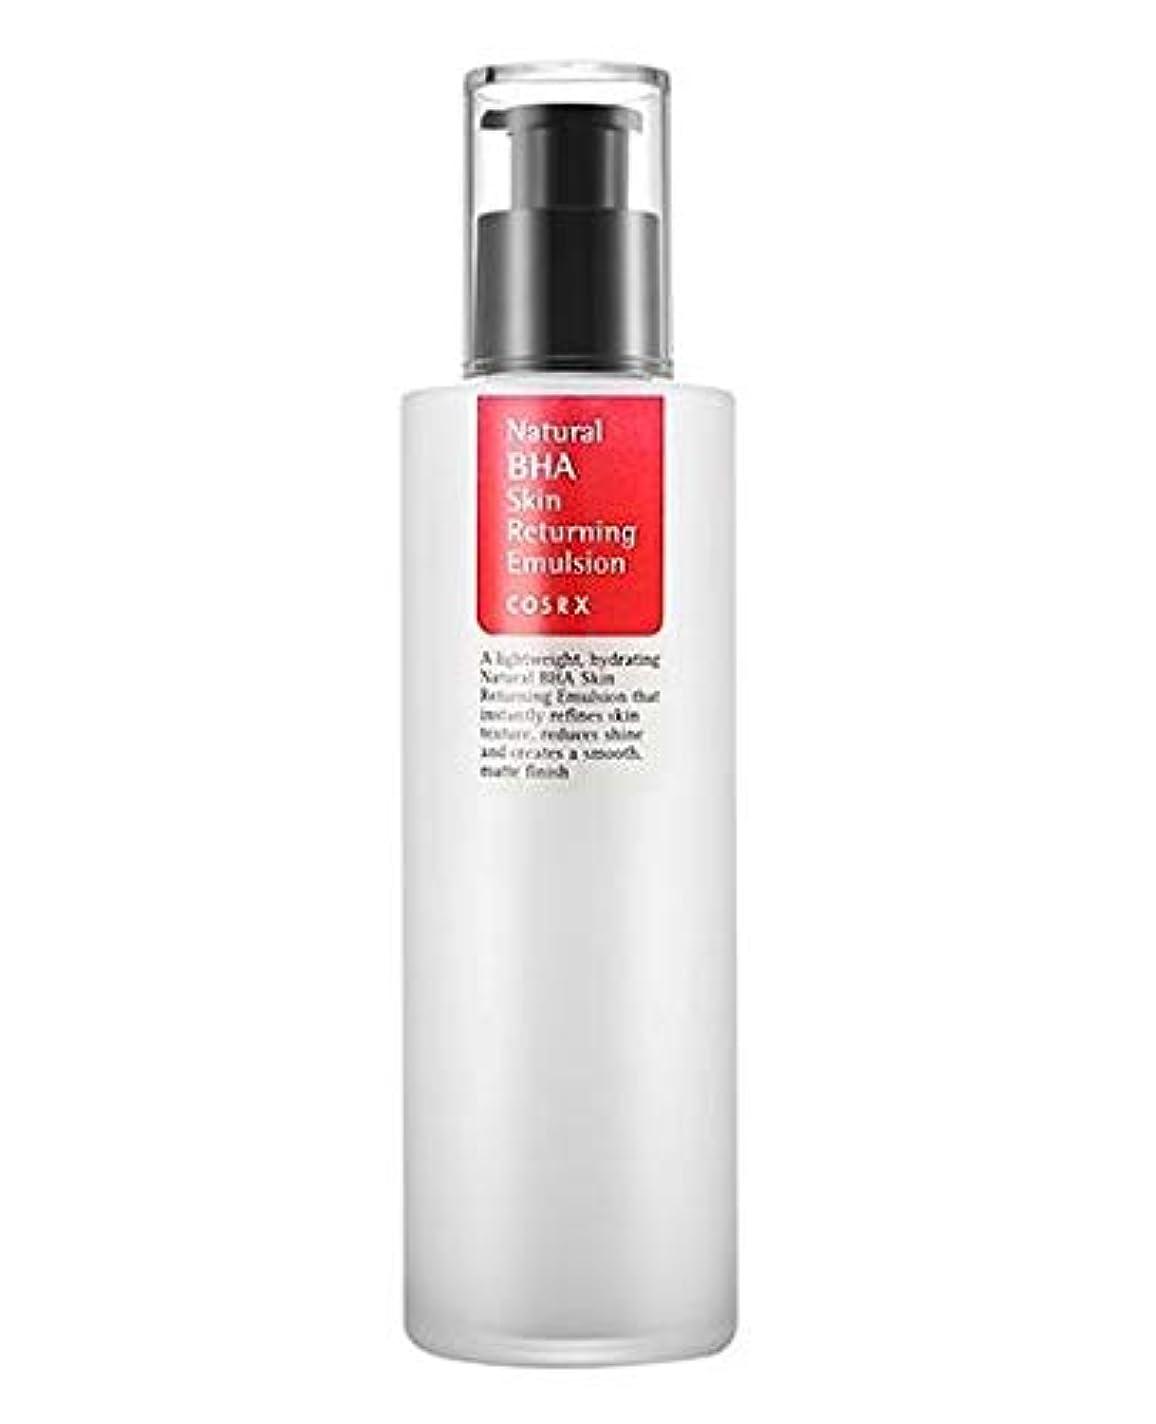 ワゴン不足揃えるCOSRX Natural BHA Skin Returning Emulsion (並行輸入品)